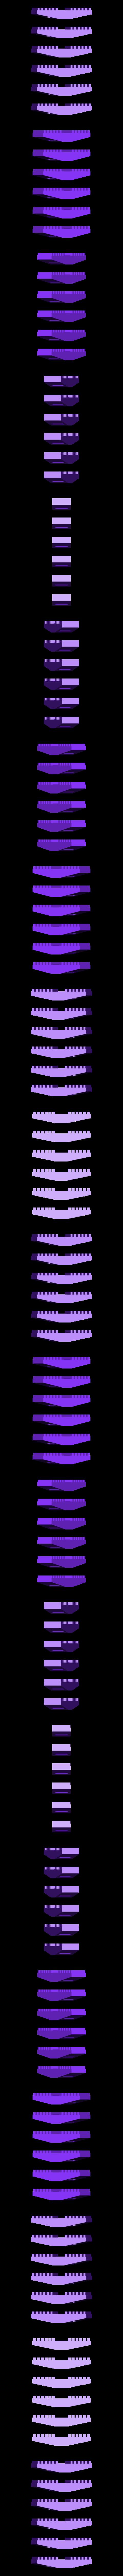 gt2_clip_set.stl Télécharger fichier STL gratuit Tough Belt Clip • Design imprimable en 3D, MGX